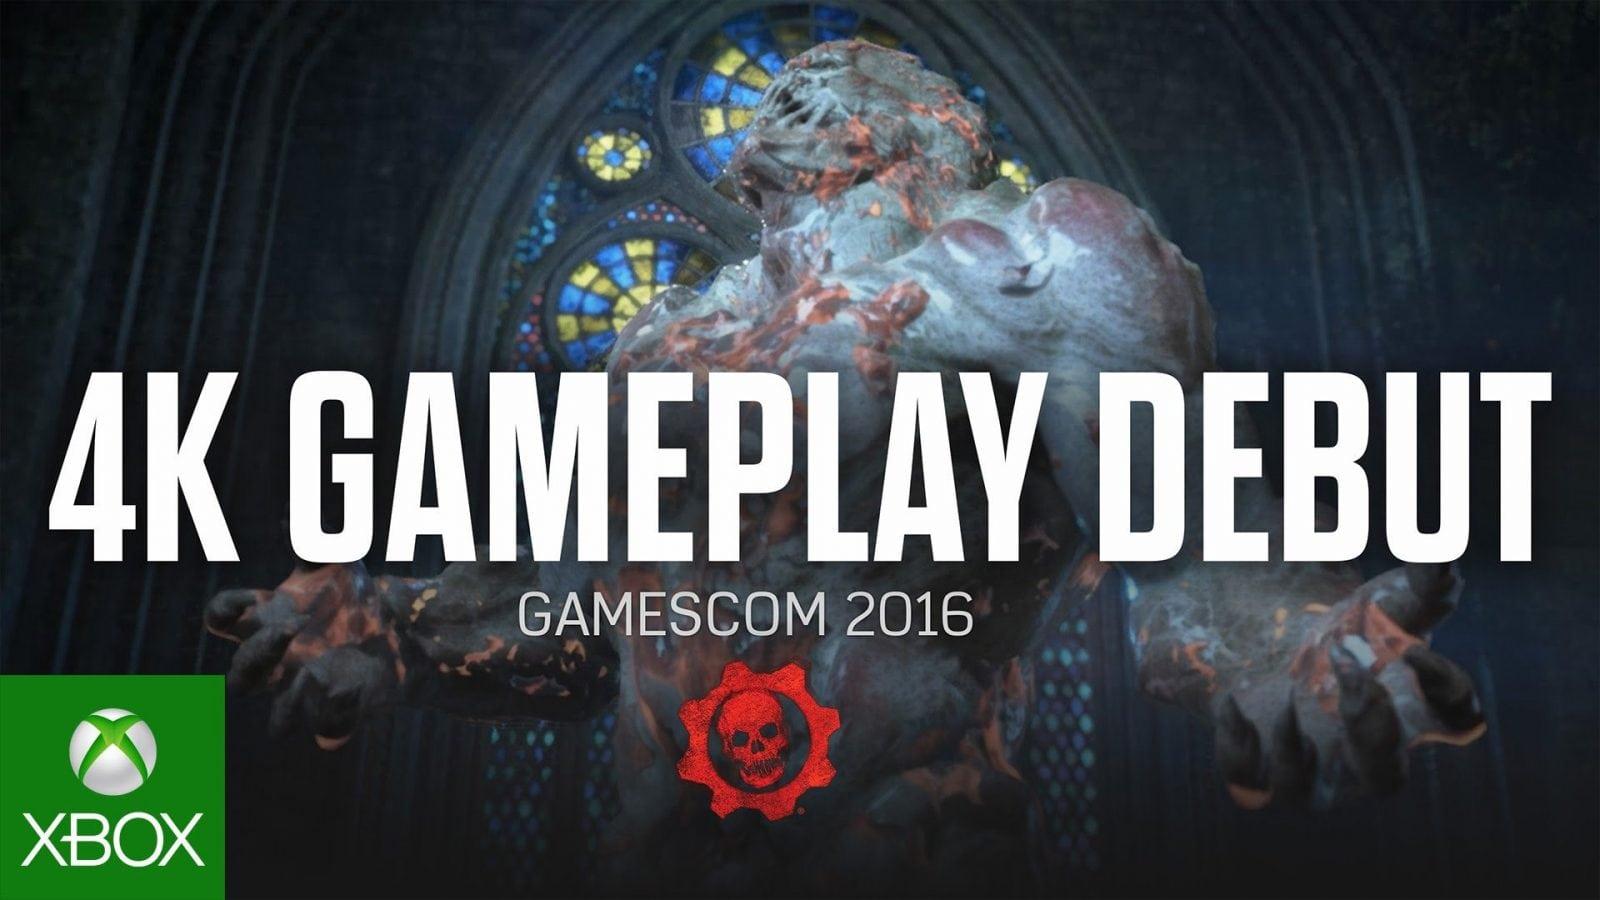 Confira mais um gameplay sensacional de Gears of War 4 direto da Gamescom 2016